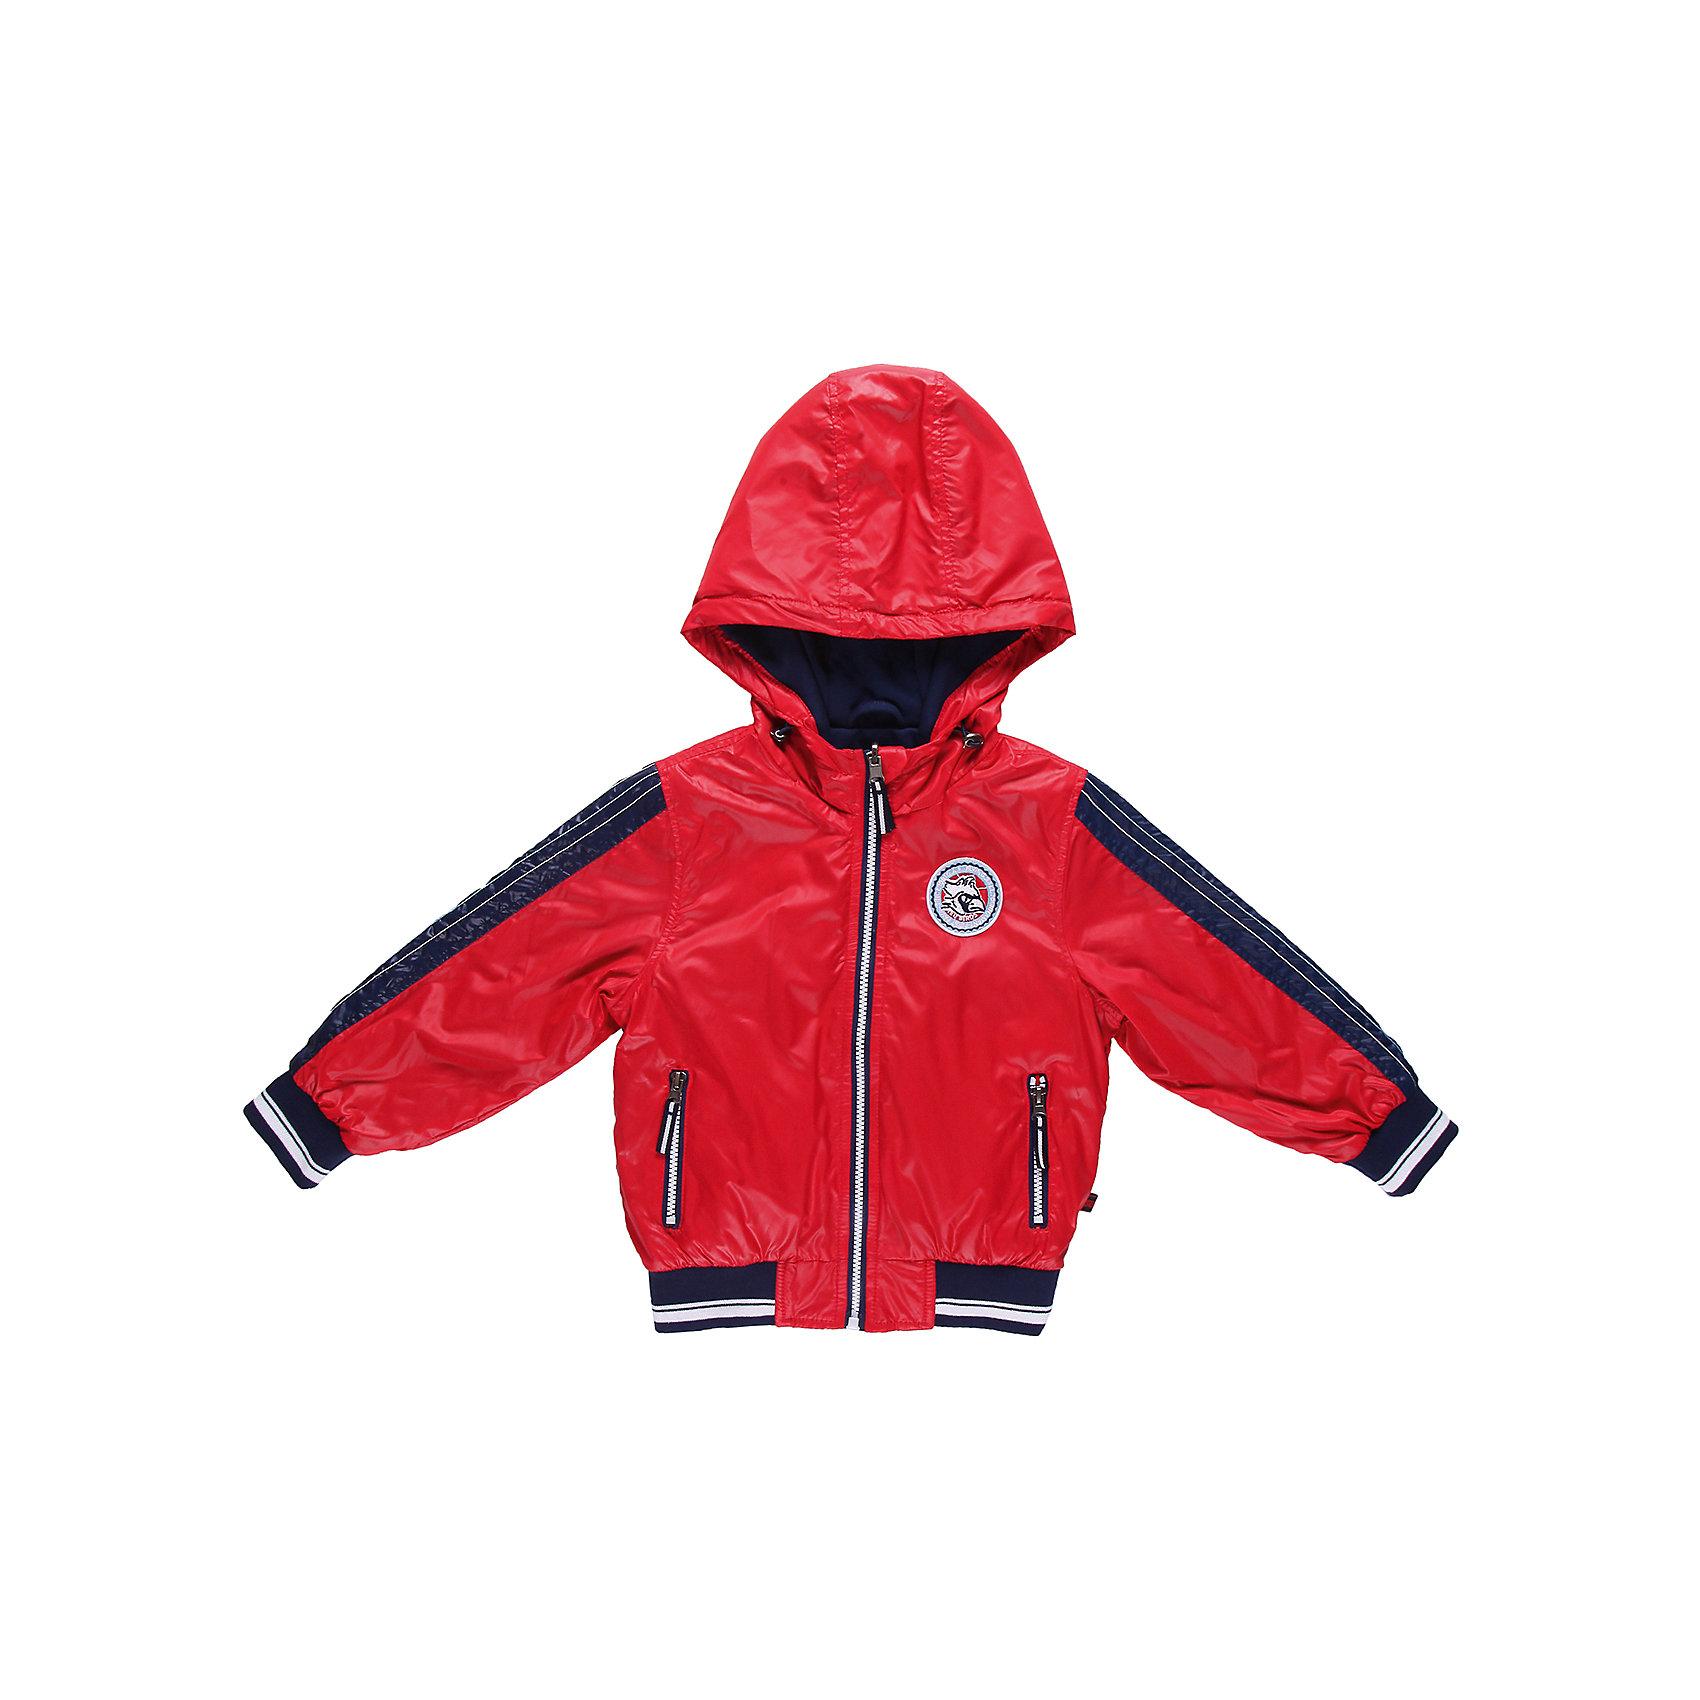 Куртка для мальчика Sweet BerryВетровки и жакеты<br>Двухсторонняя куртка для мальчика. С одной стороны ветровка, с другой толстовка.<br>Состав:<br>Верх: 100% полиэстер, Подкладка: 65% хлопок, 35% полиэстер<br><br>Ширина мм: 356<br>Глубина мм: 10<br>Высота мм: 245<br>Вес г: 519<br>Цвет: синий/красный<br>Возраст от месяцев: 24<br>Возраст до месяцев: 36<br>Пол: Мужской<br>Возраст: Детский<br>Размер: 98,122,116,110,128,104<br>SKU: 4522547